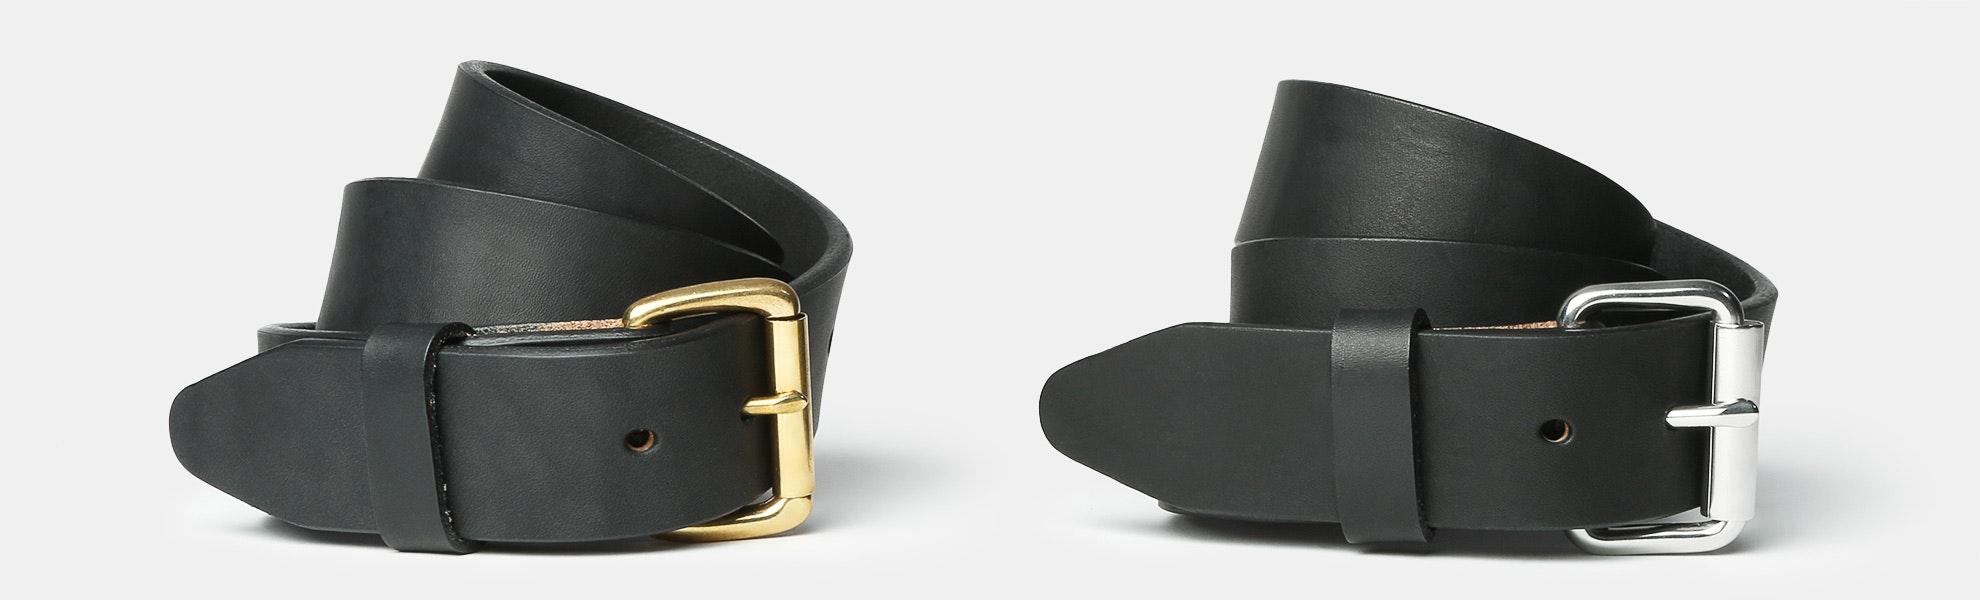 Orion Black Bridle Belt